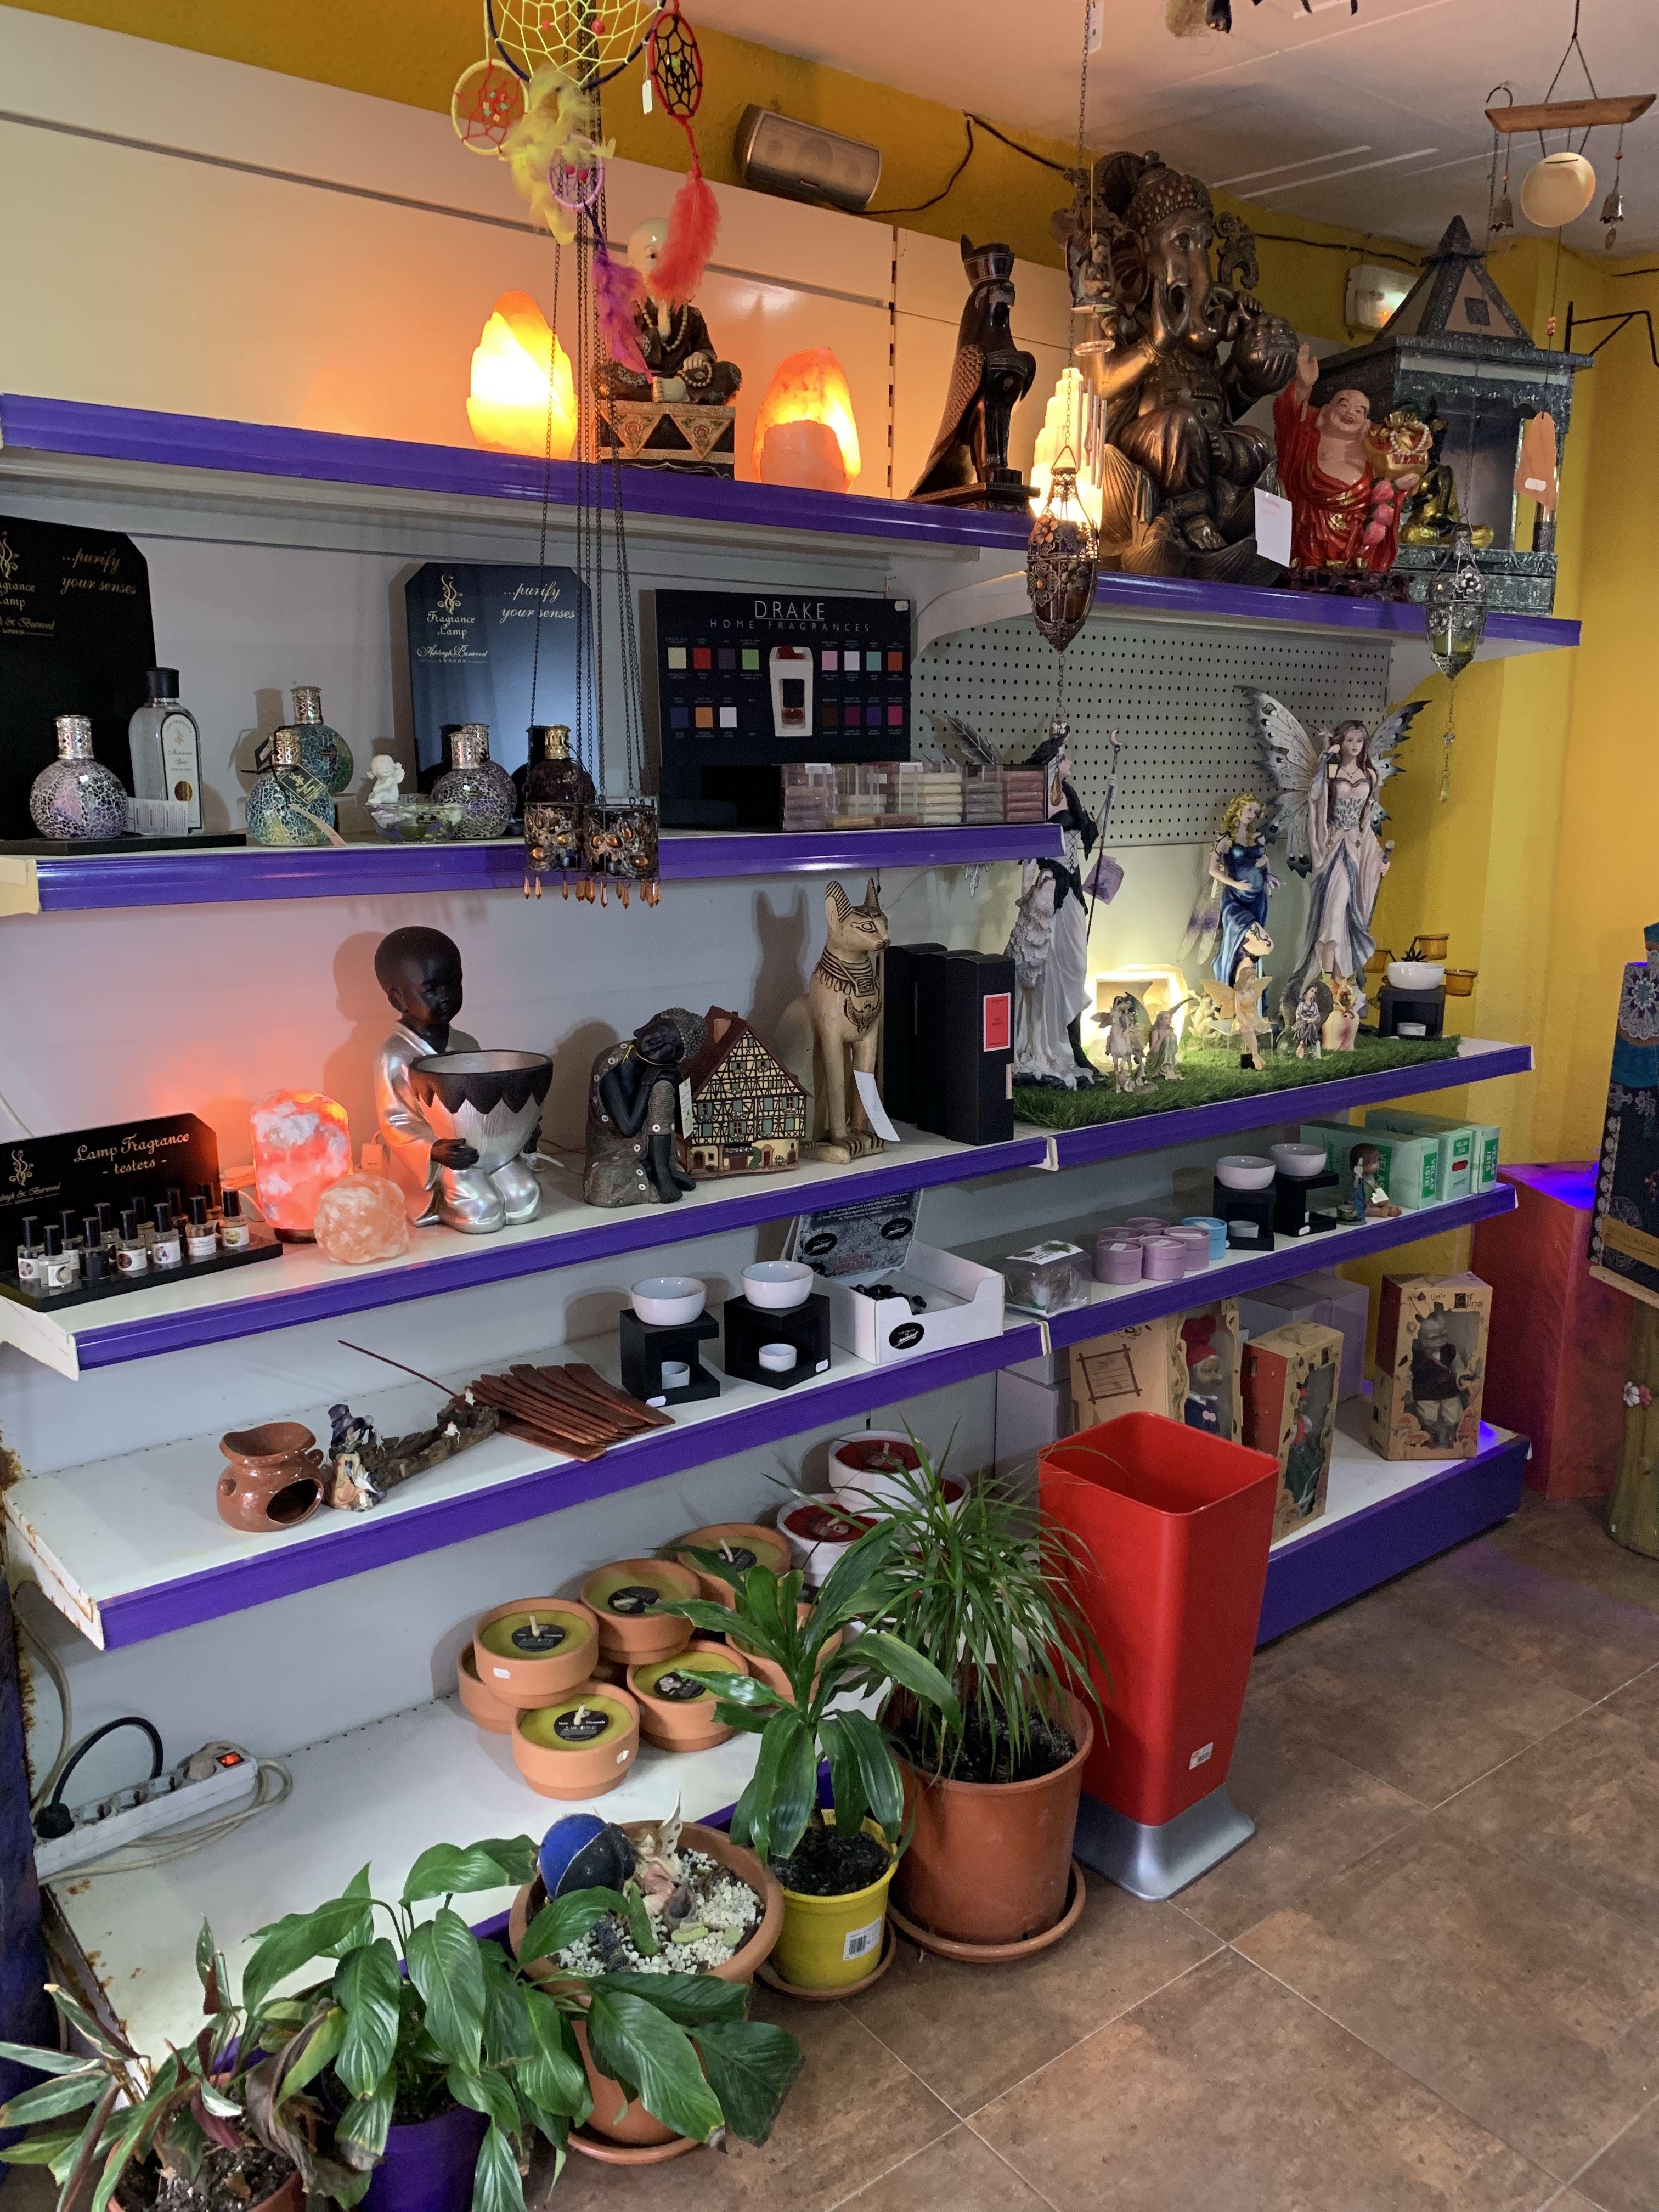 Foto 2 de Tienda esotérica en Sant Andreu de la Barca | Tienda esotérica y regalos